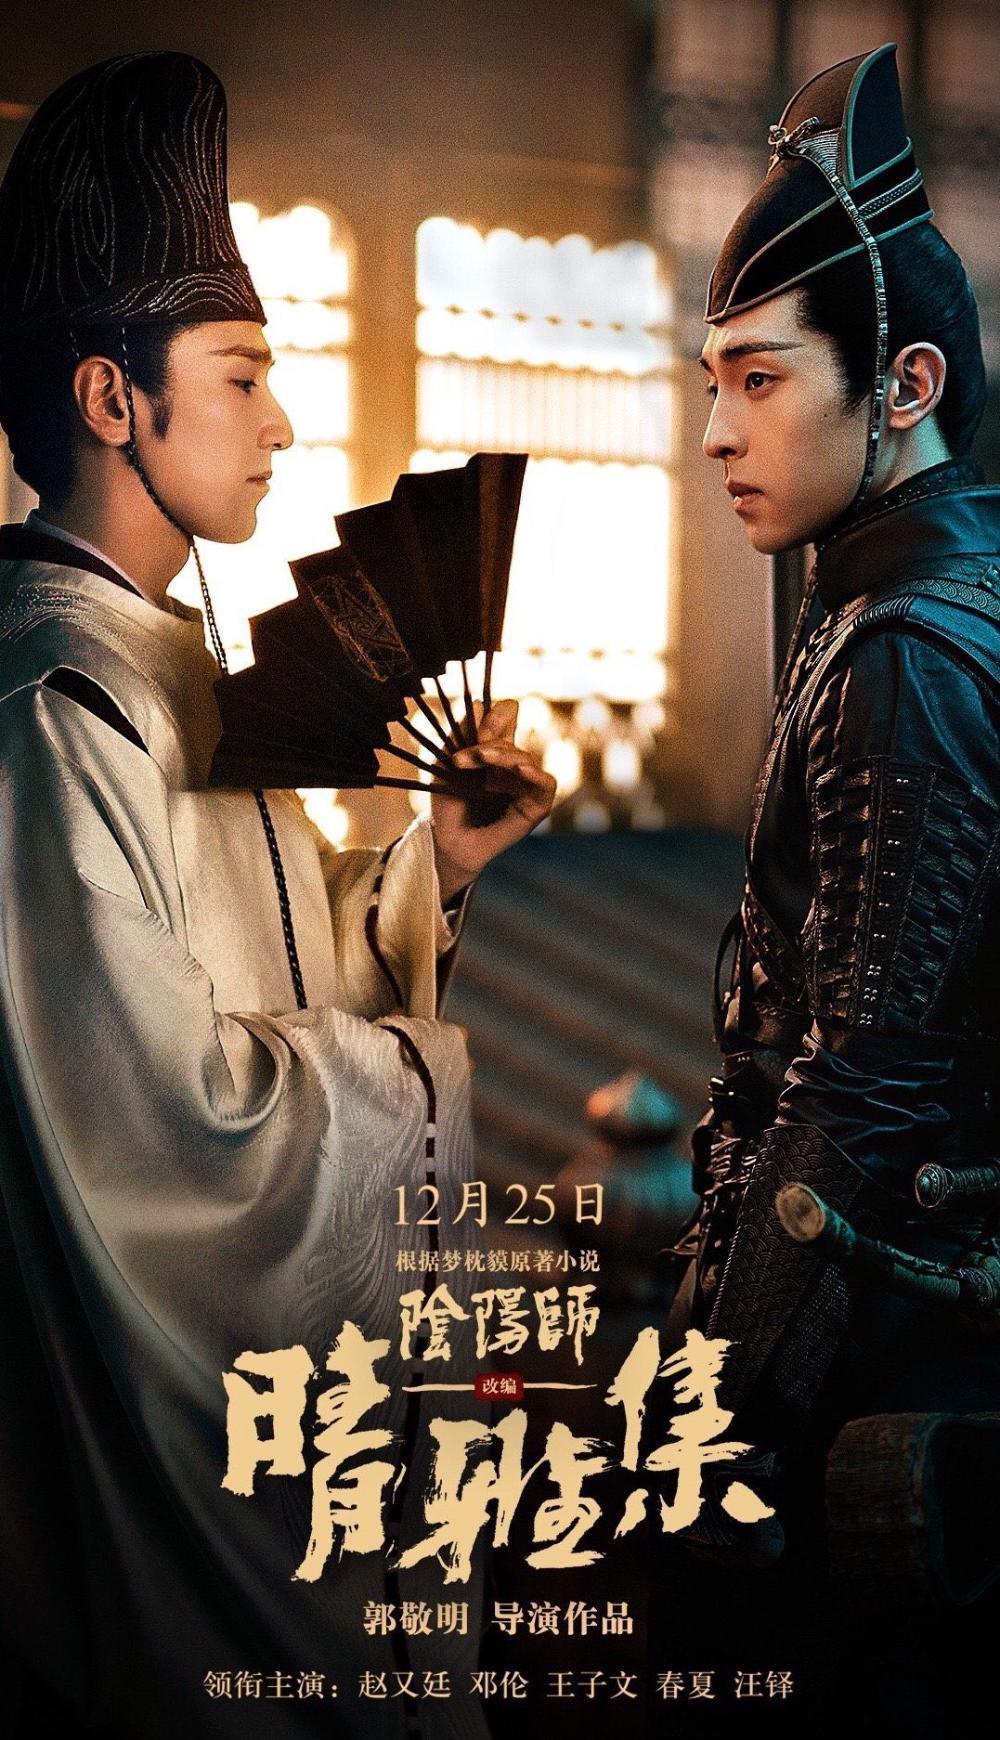 ChineseDrama.Info (@ChineseDrama3)